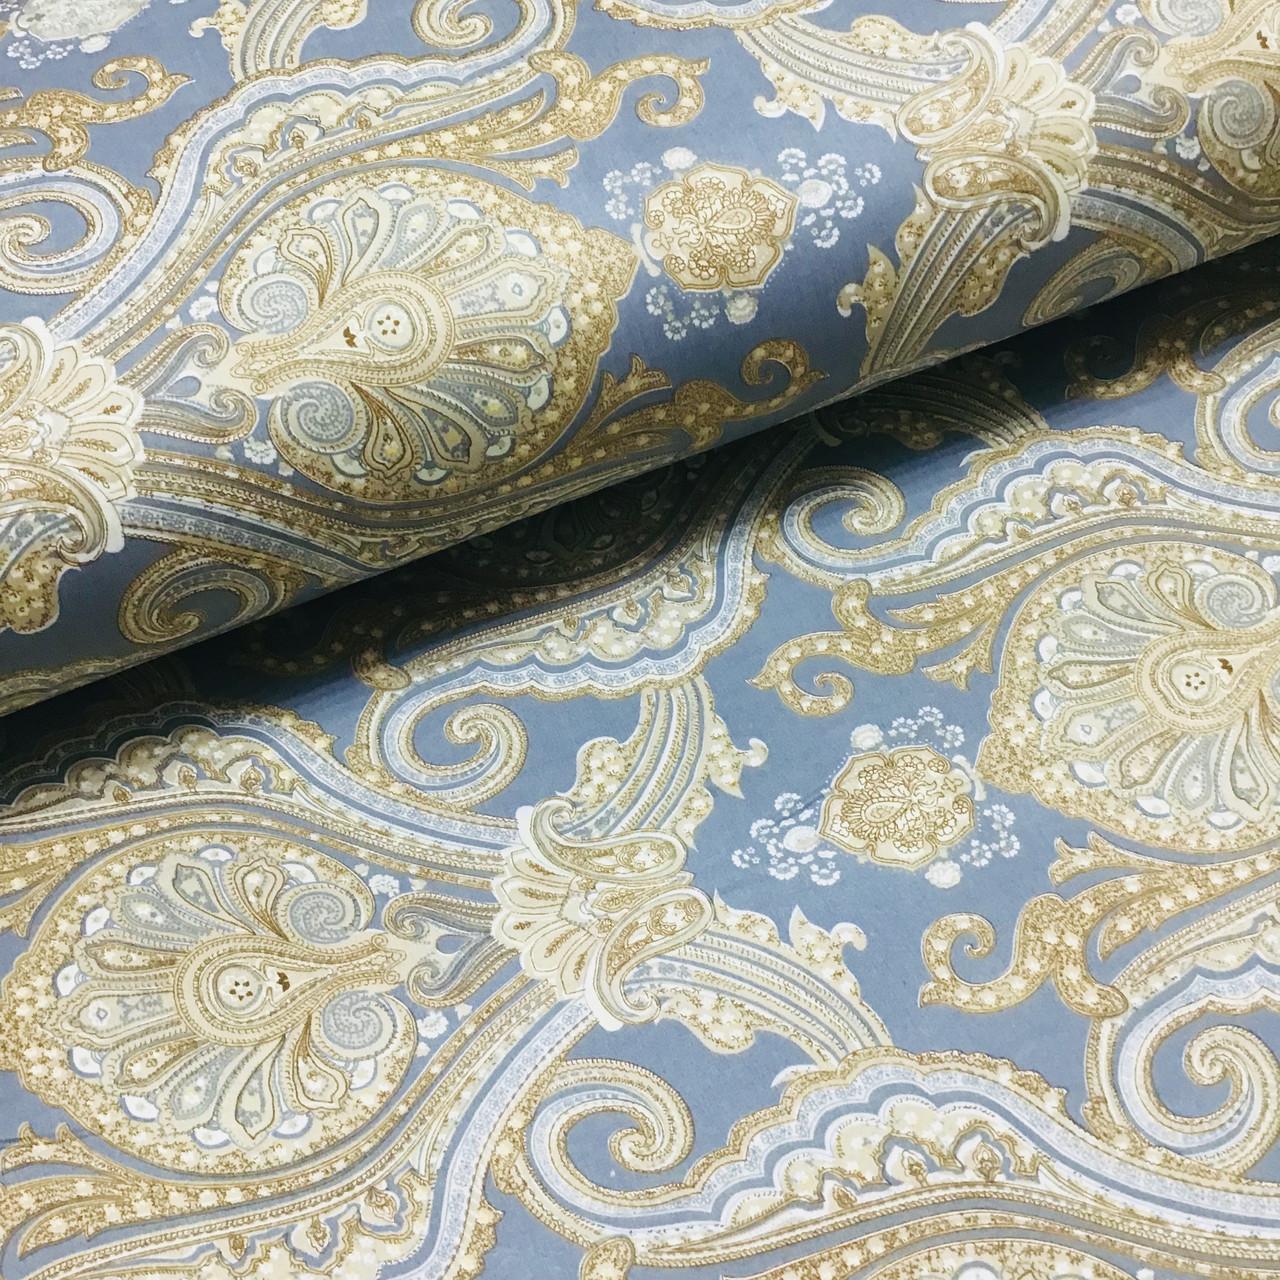 Ткань сатин с рисунком, крупный золотой орнамент на сине-сером (ТУРЦИЯ шир. 2,4 м) ОТРЕЗ(1*2,4)